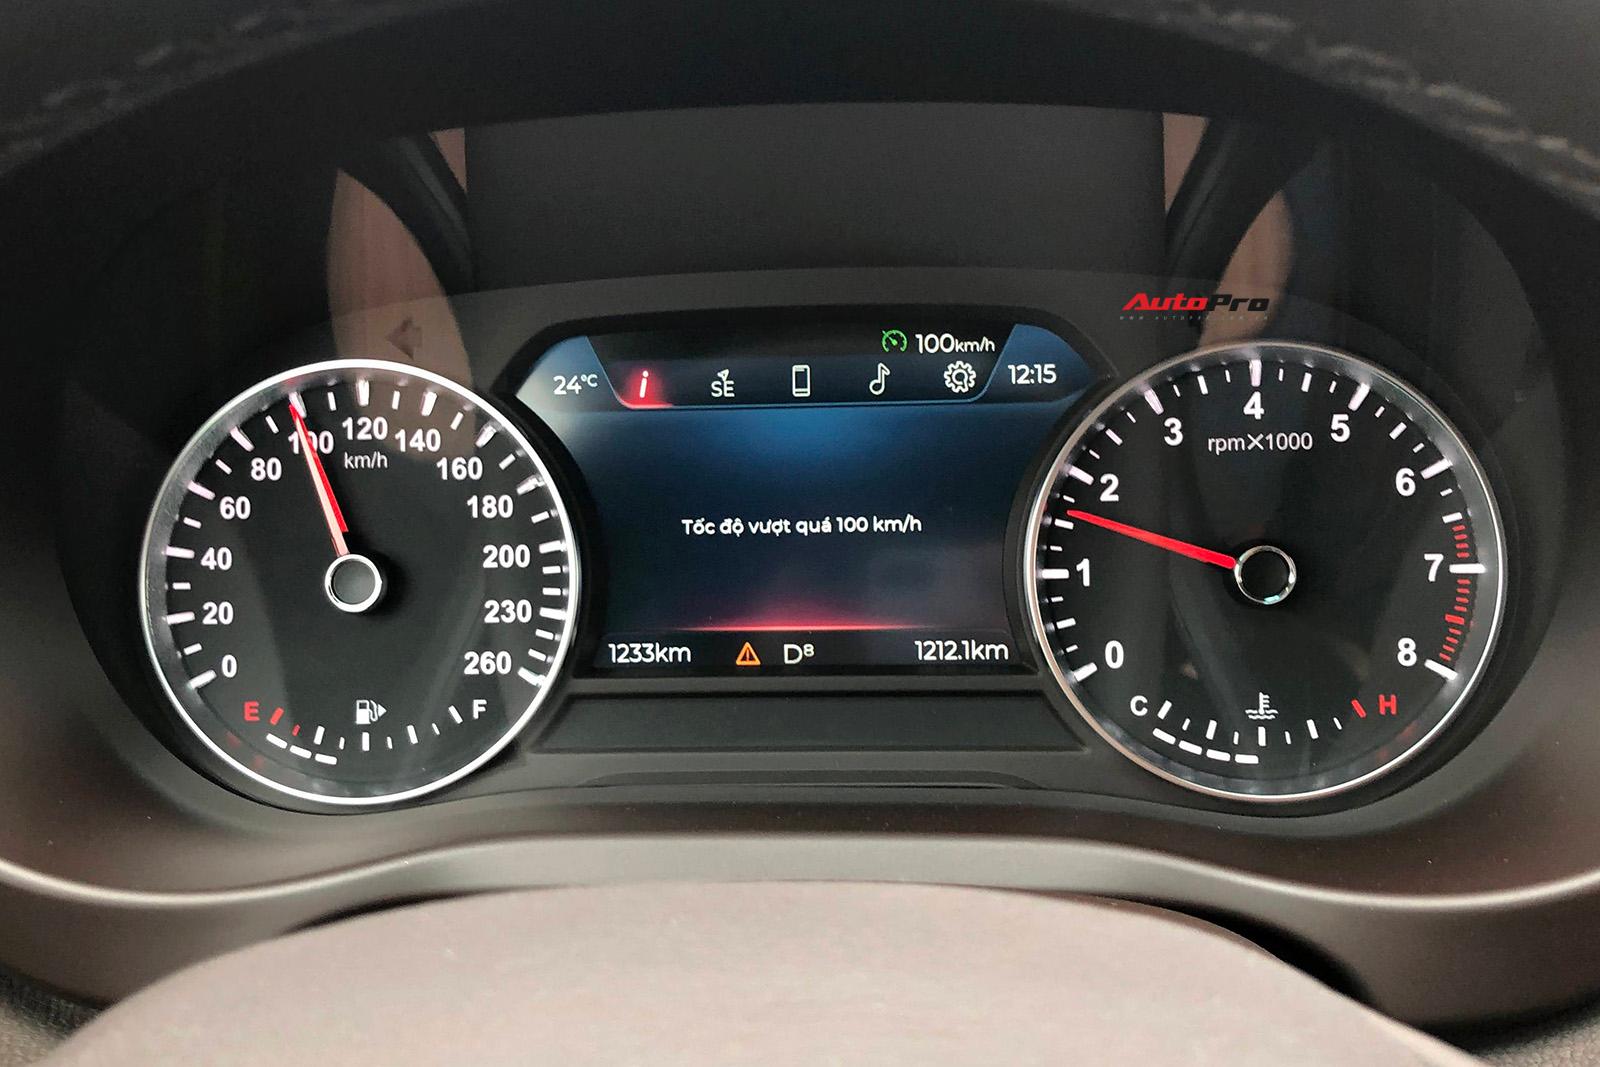 Lux A2.0 không có giới hạn tốc độ nhưng có chức năng cảnh báo khi vượt quá tốc độ cài đặt.